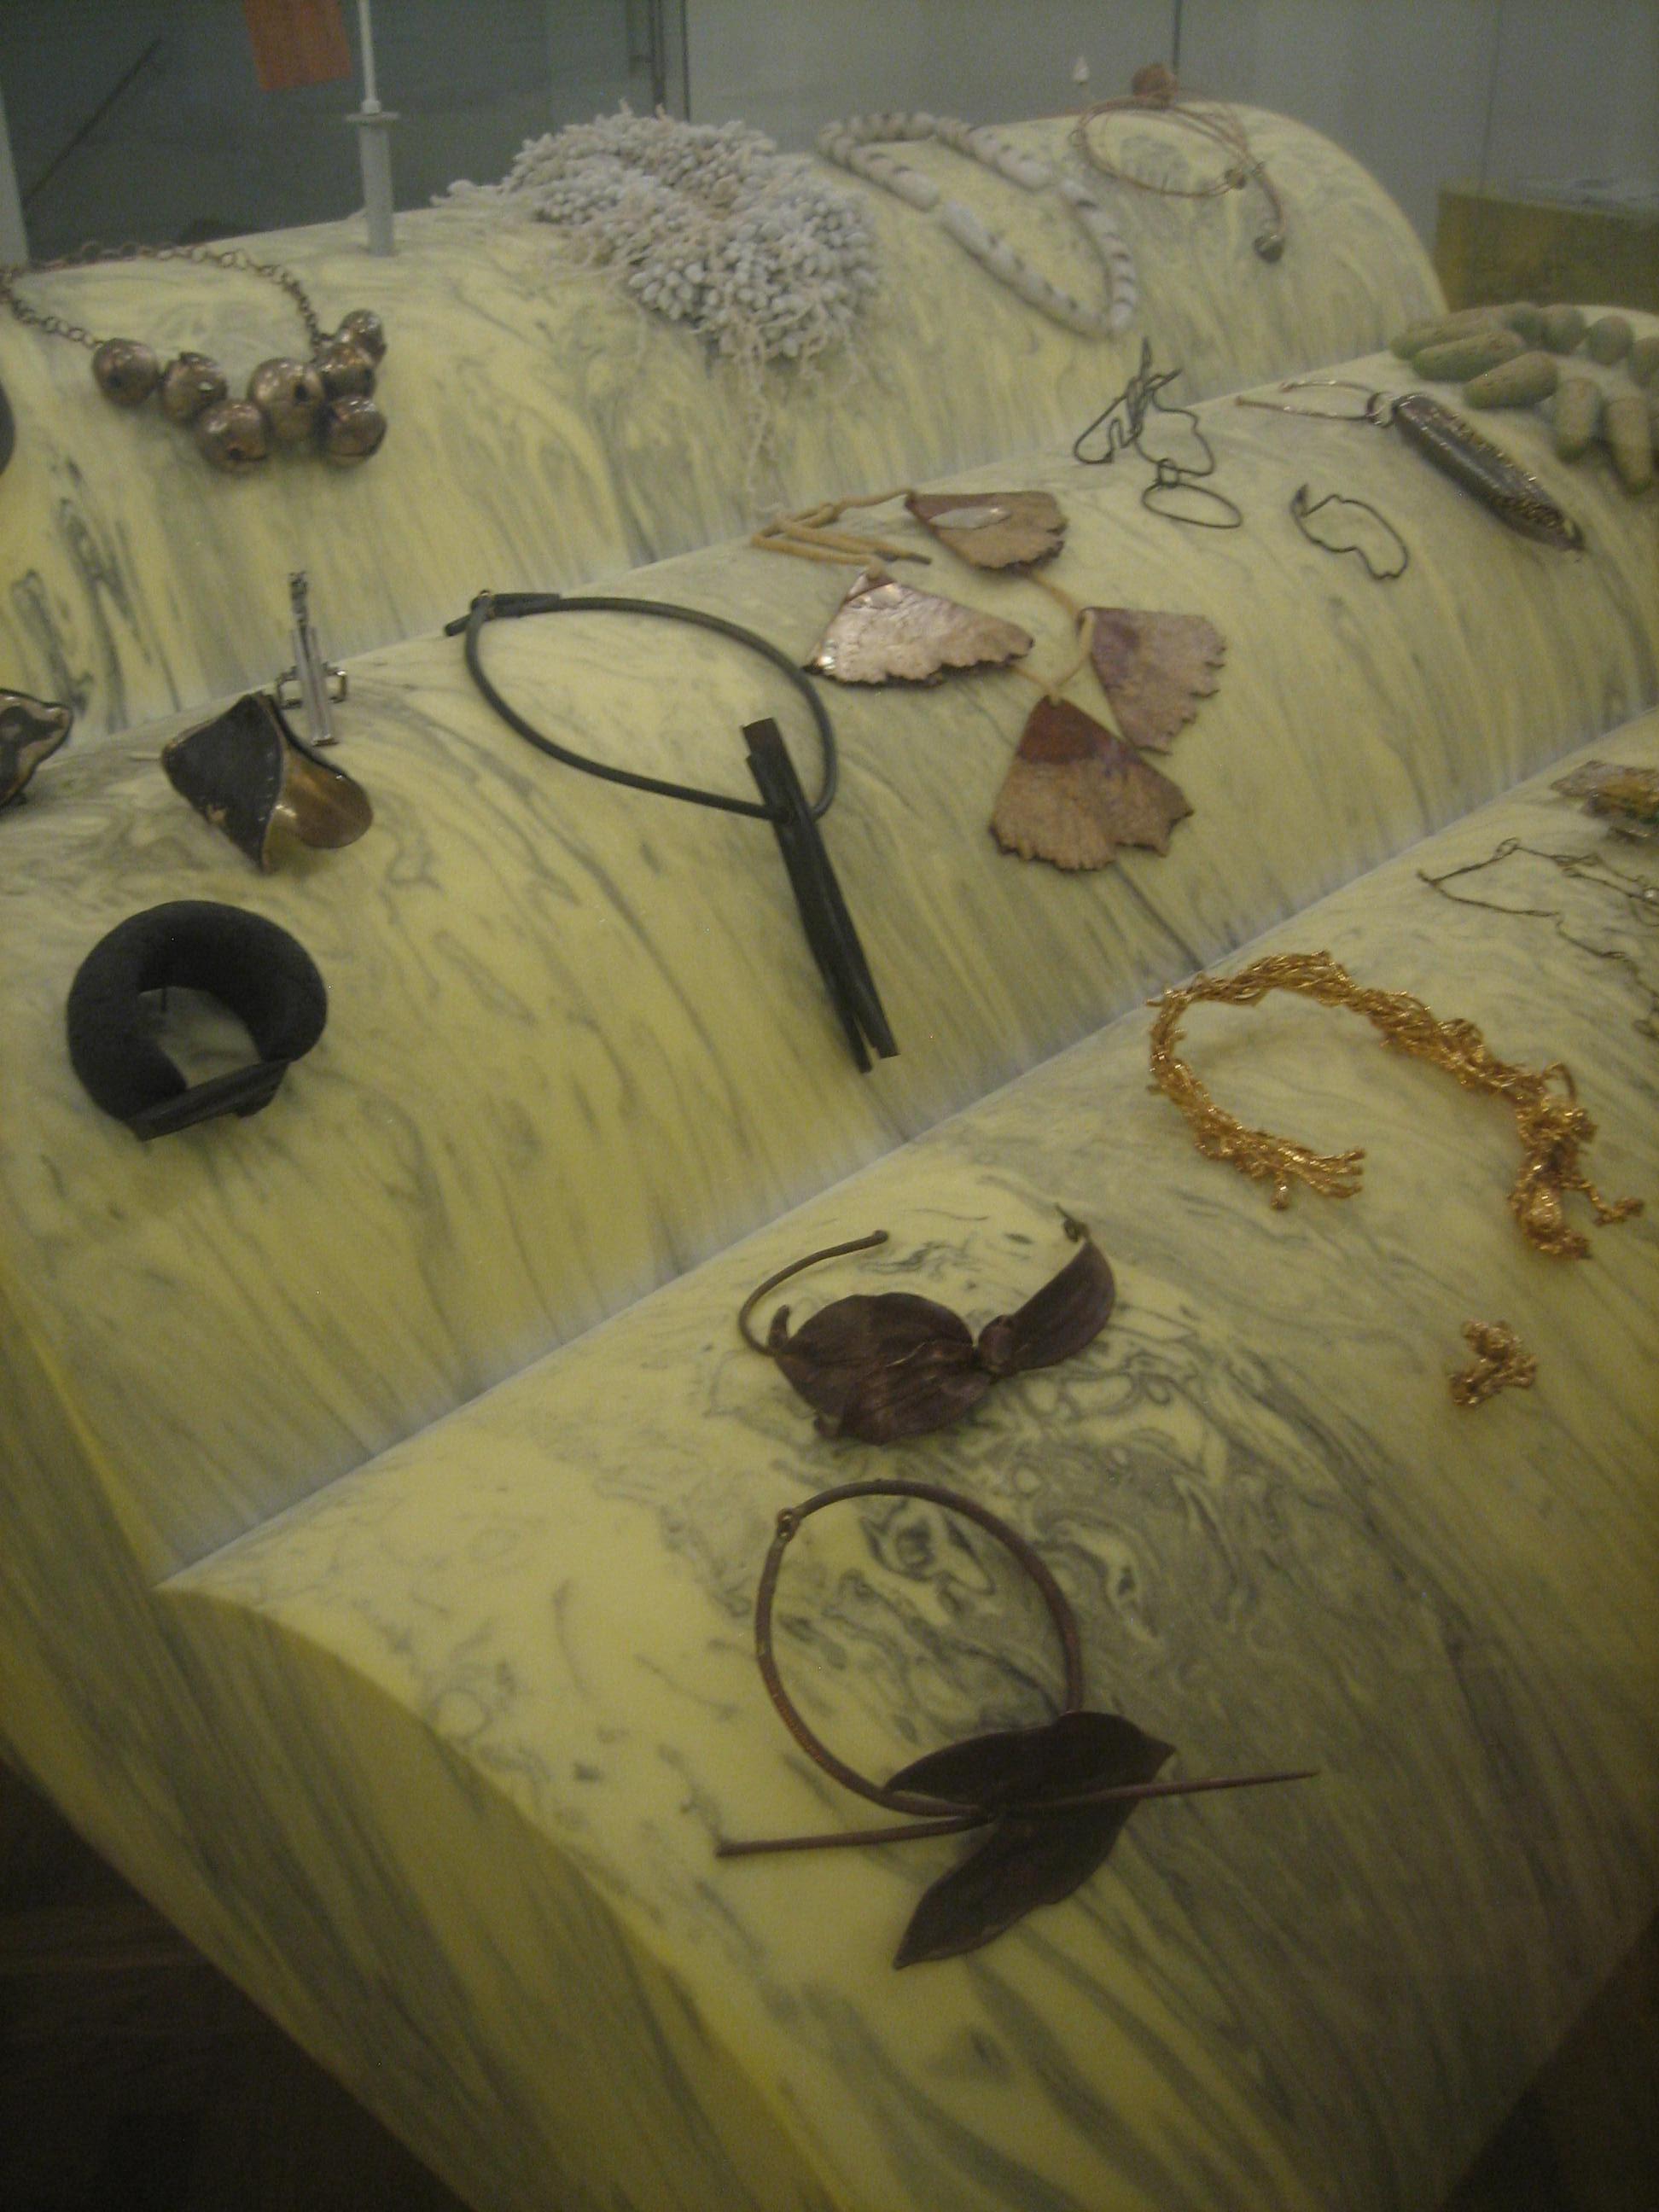 Objets Ambigus, BOZAR. Collectie S. Thierry-de Saint Rapt. Foto Esther Doornbusch, 23 november 2018, CC BY 4.0